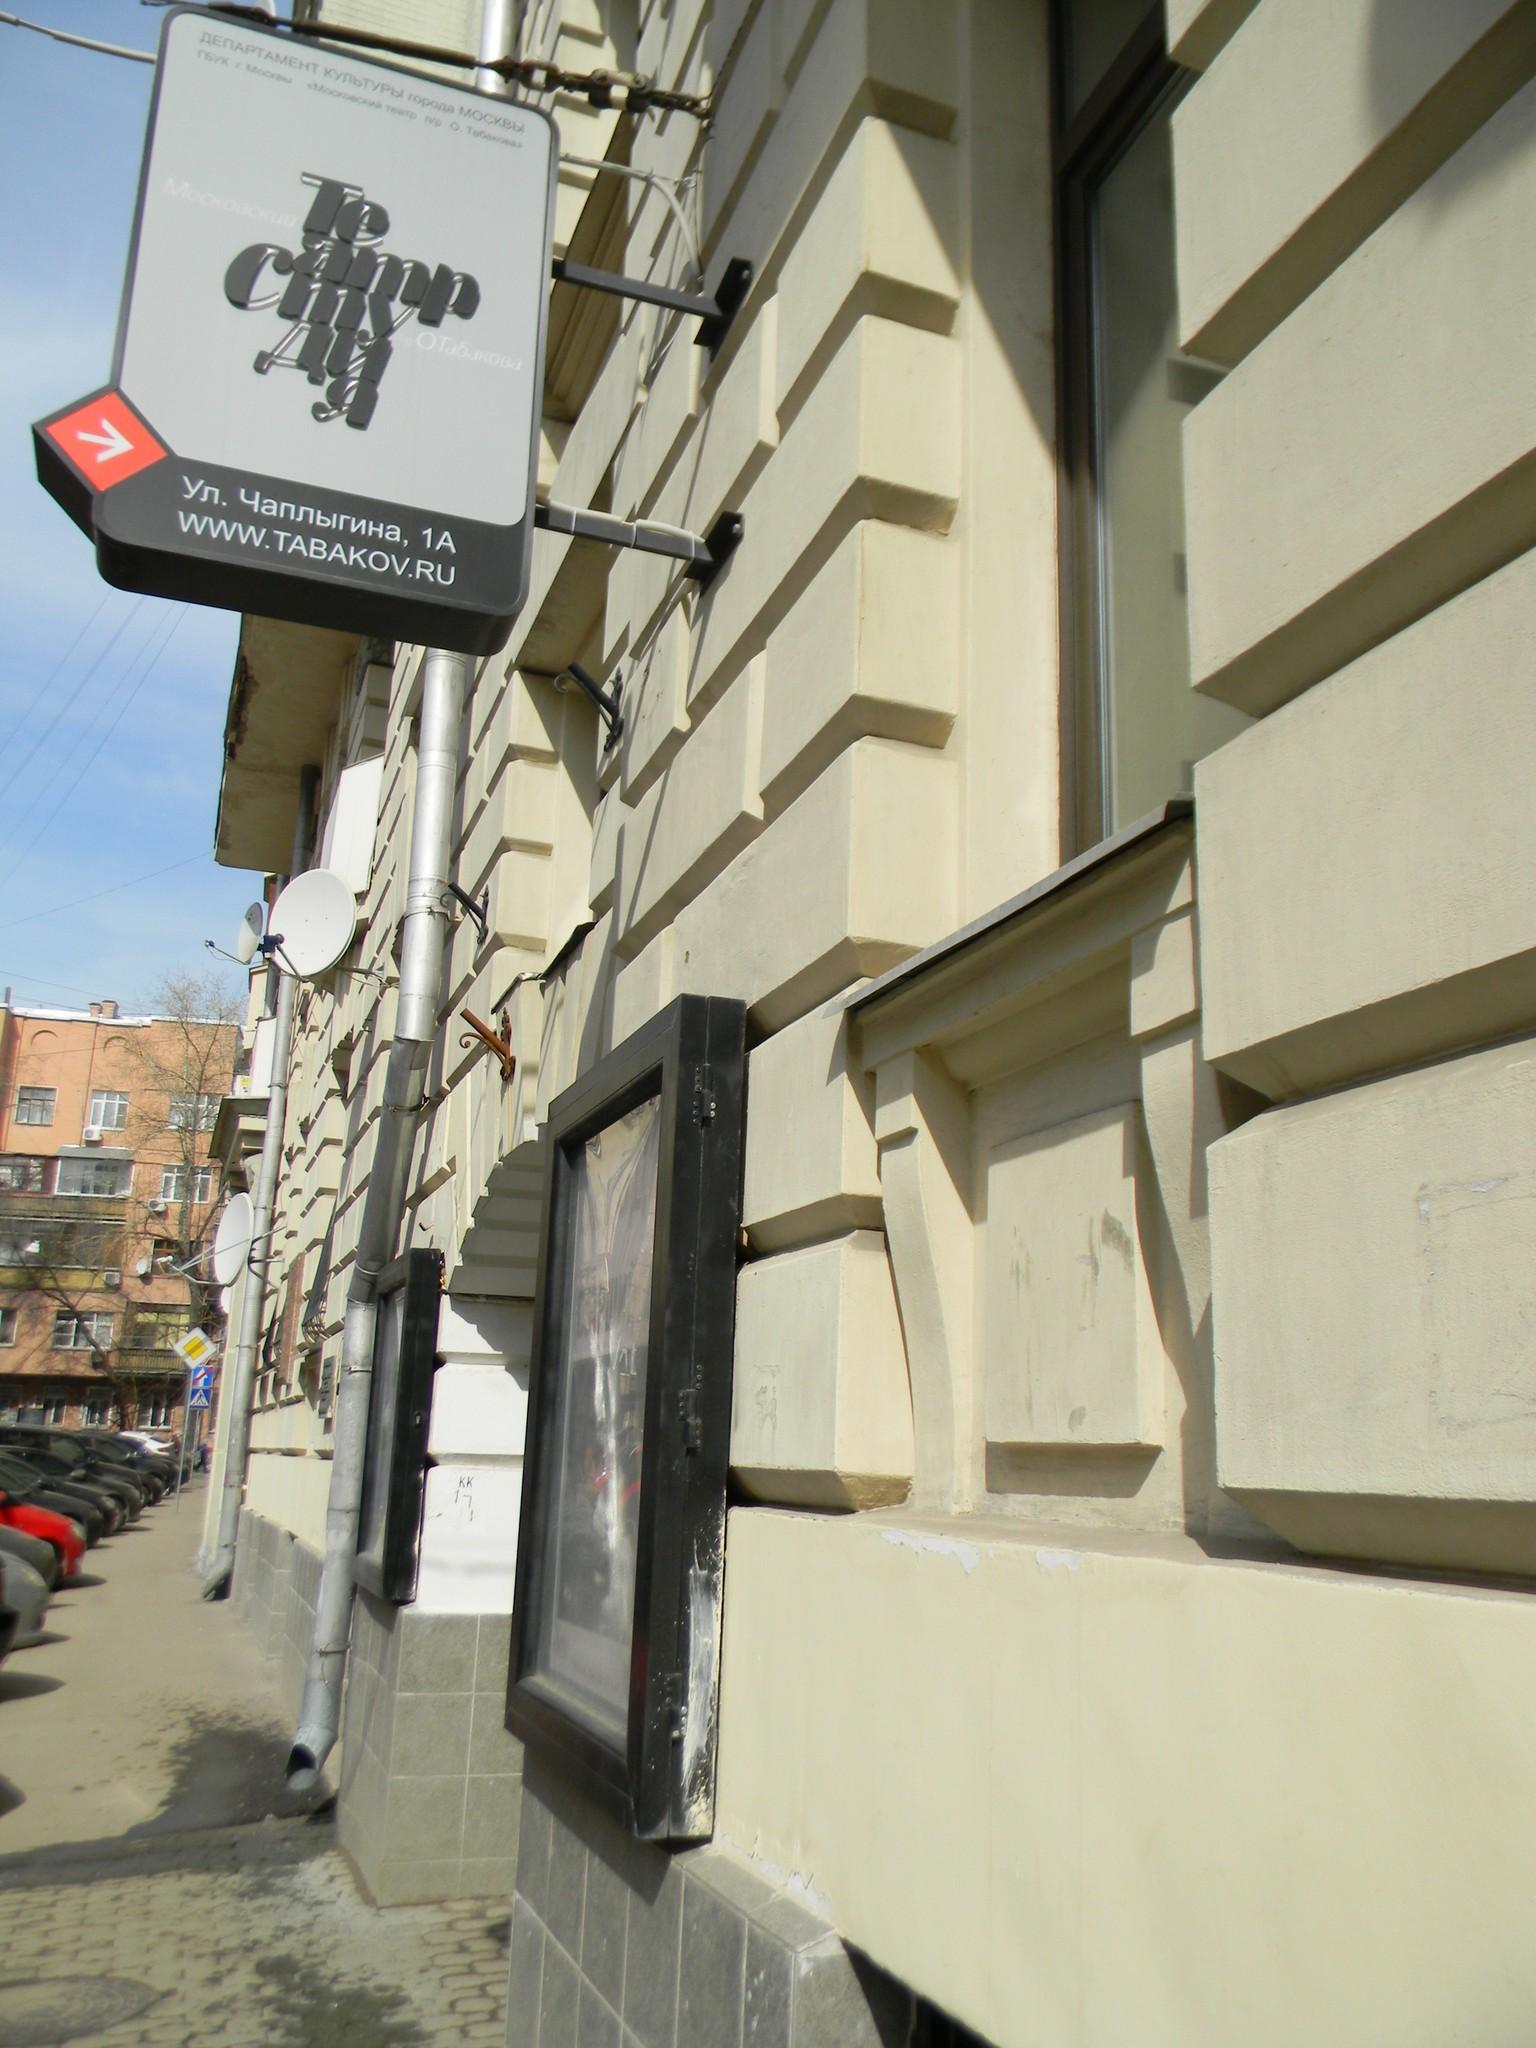 Московский театр-студия под руководством Олега Табакова («Табакерка»). Улица Чаплыгина, дом 1А